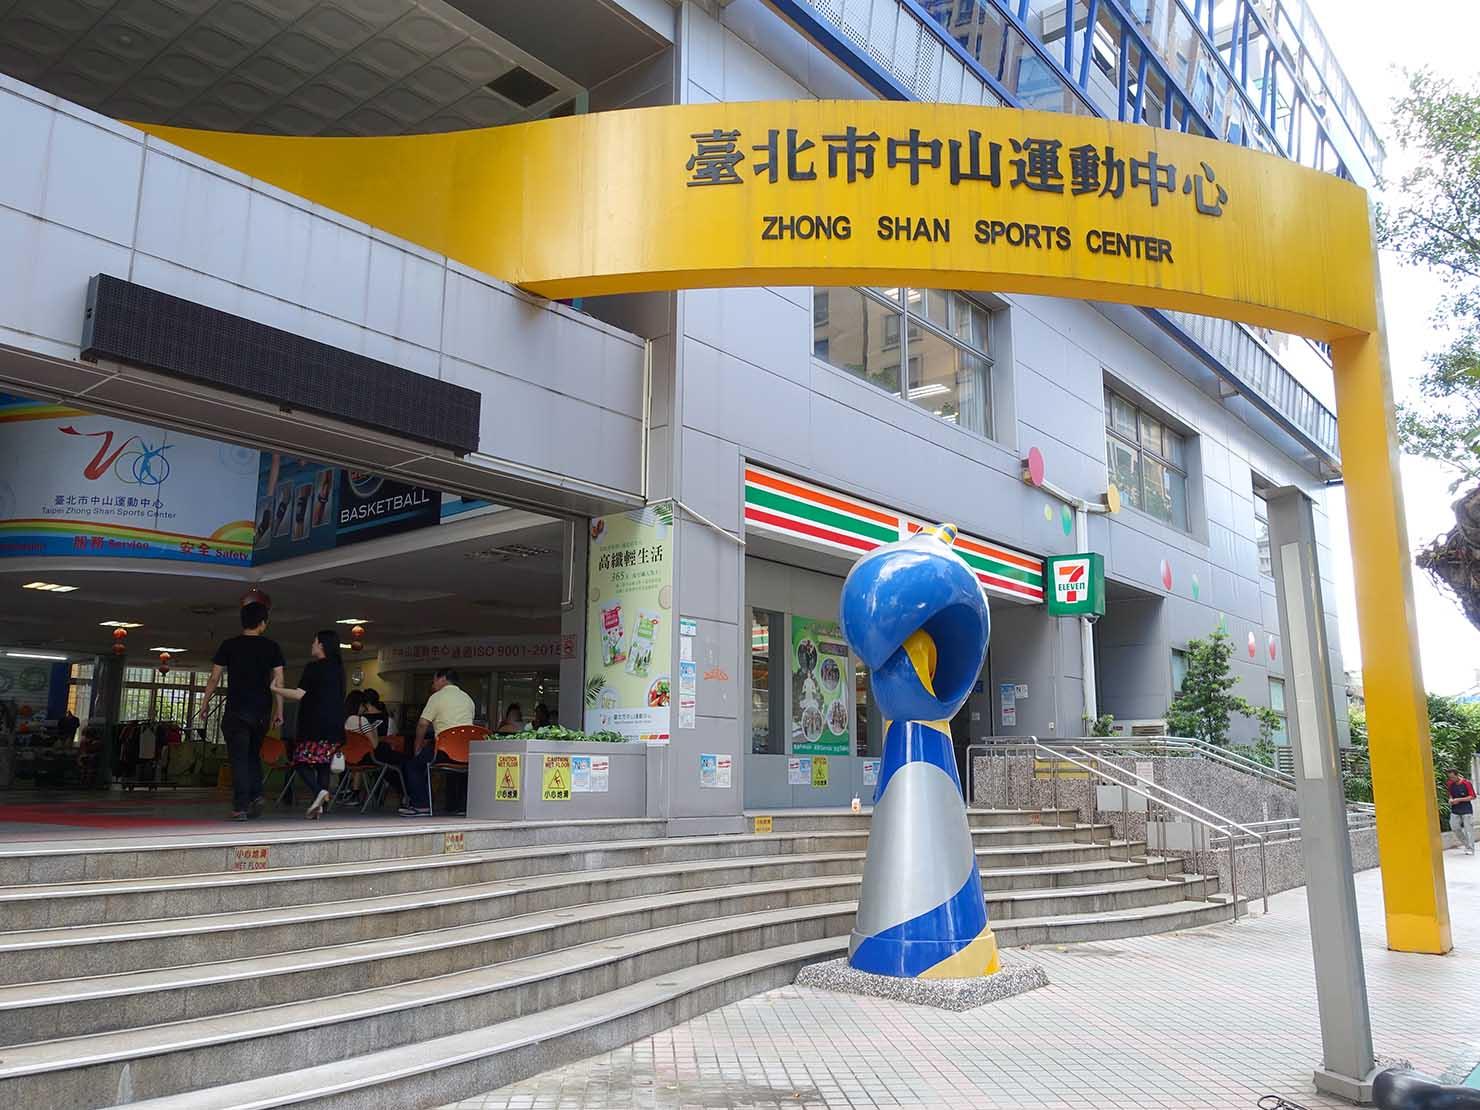 台湾の公共スポーツセンター「台北市中山運動中心」